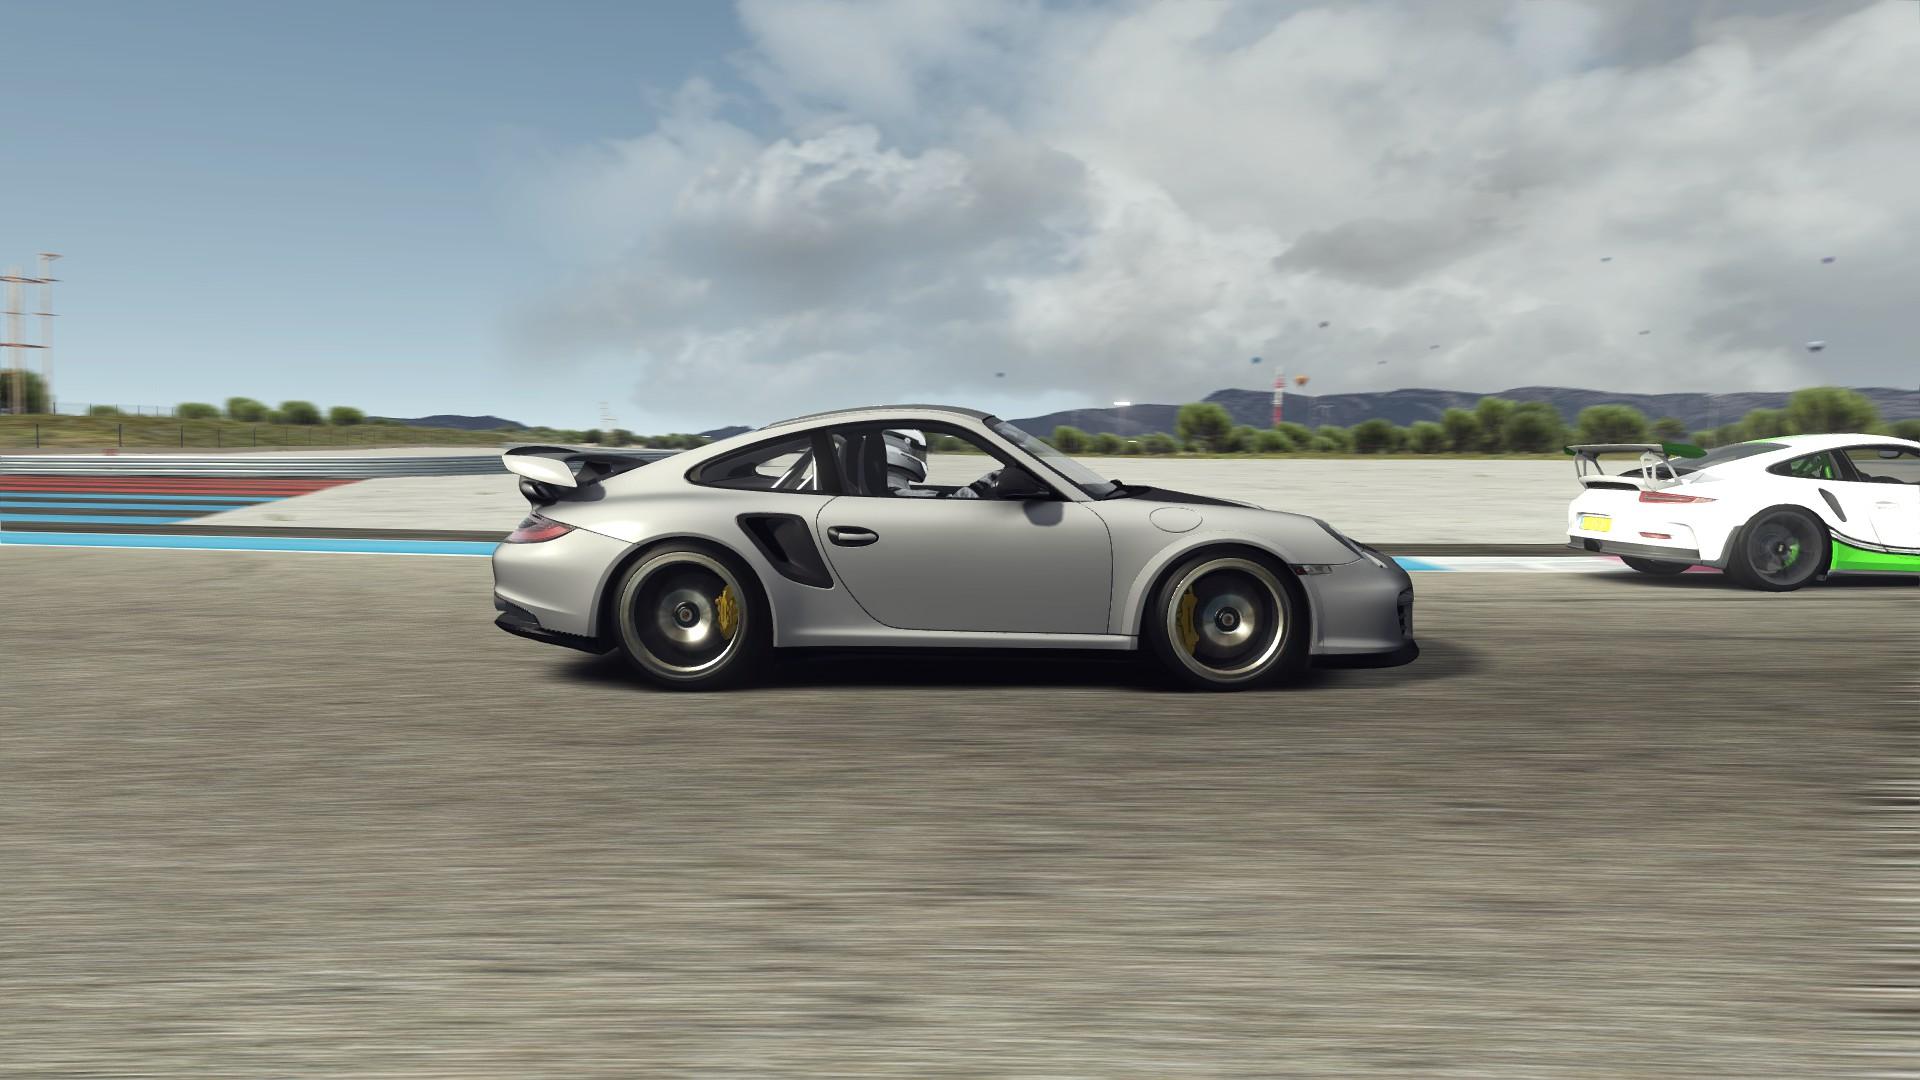 Porsche 997 GT2RS Assetto Corsa 1.14 091.jpg